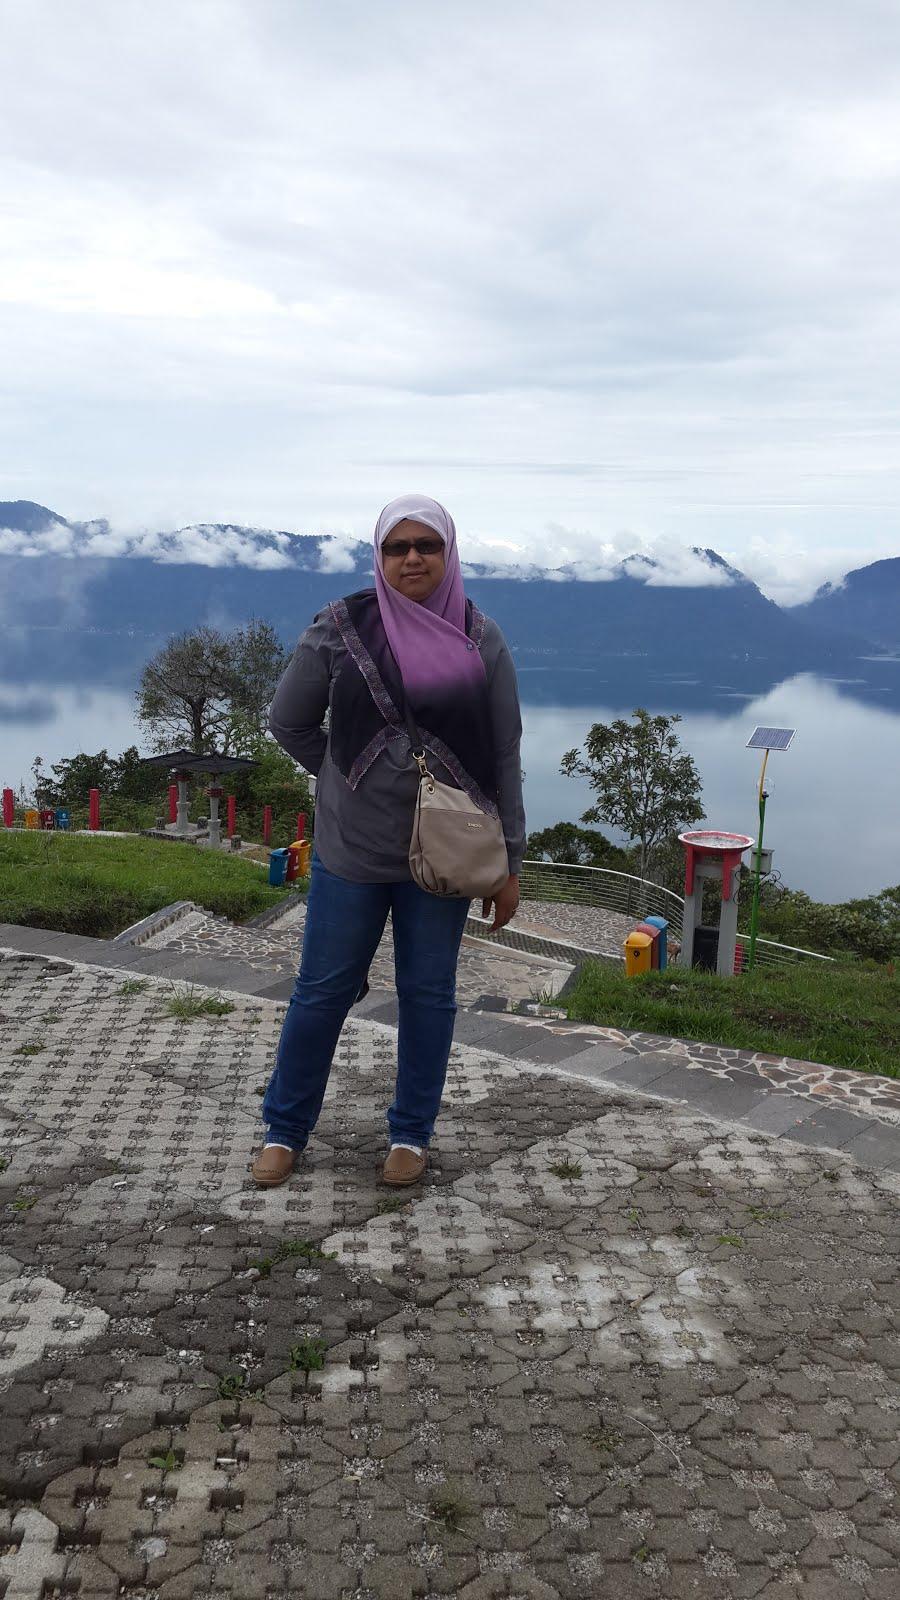 Indonesia - Padang 2014